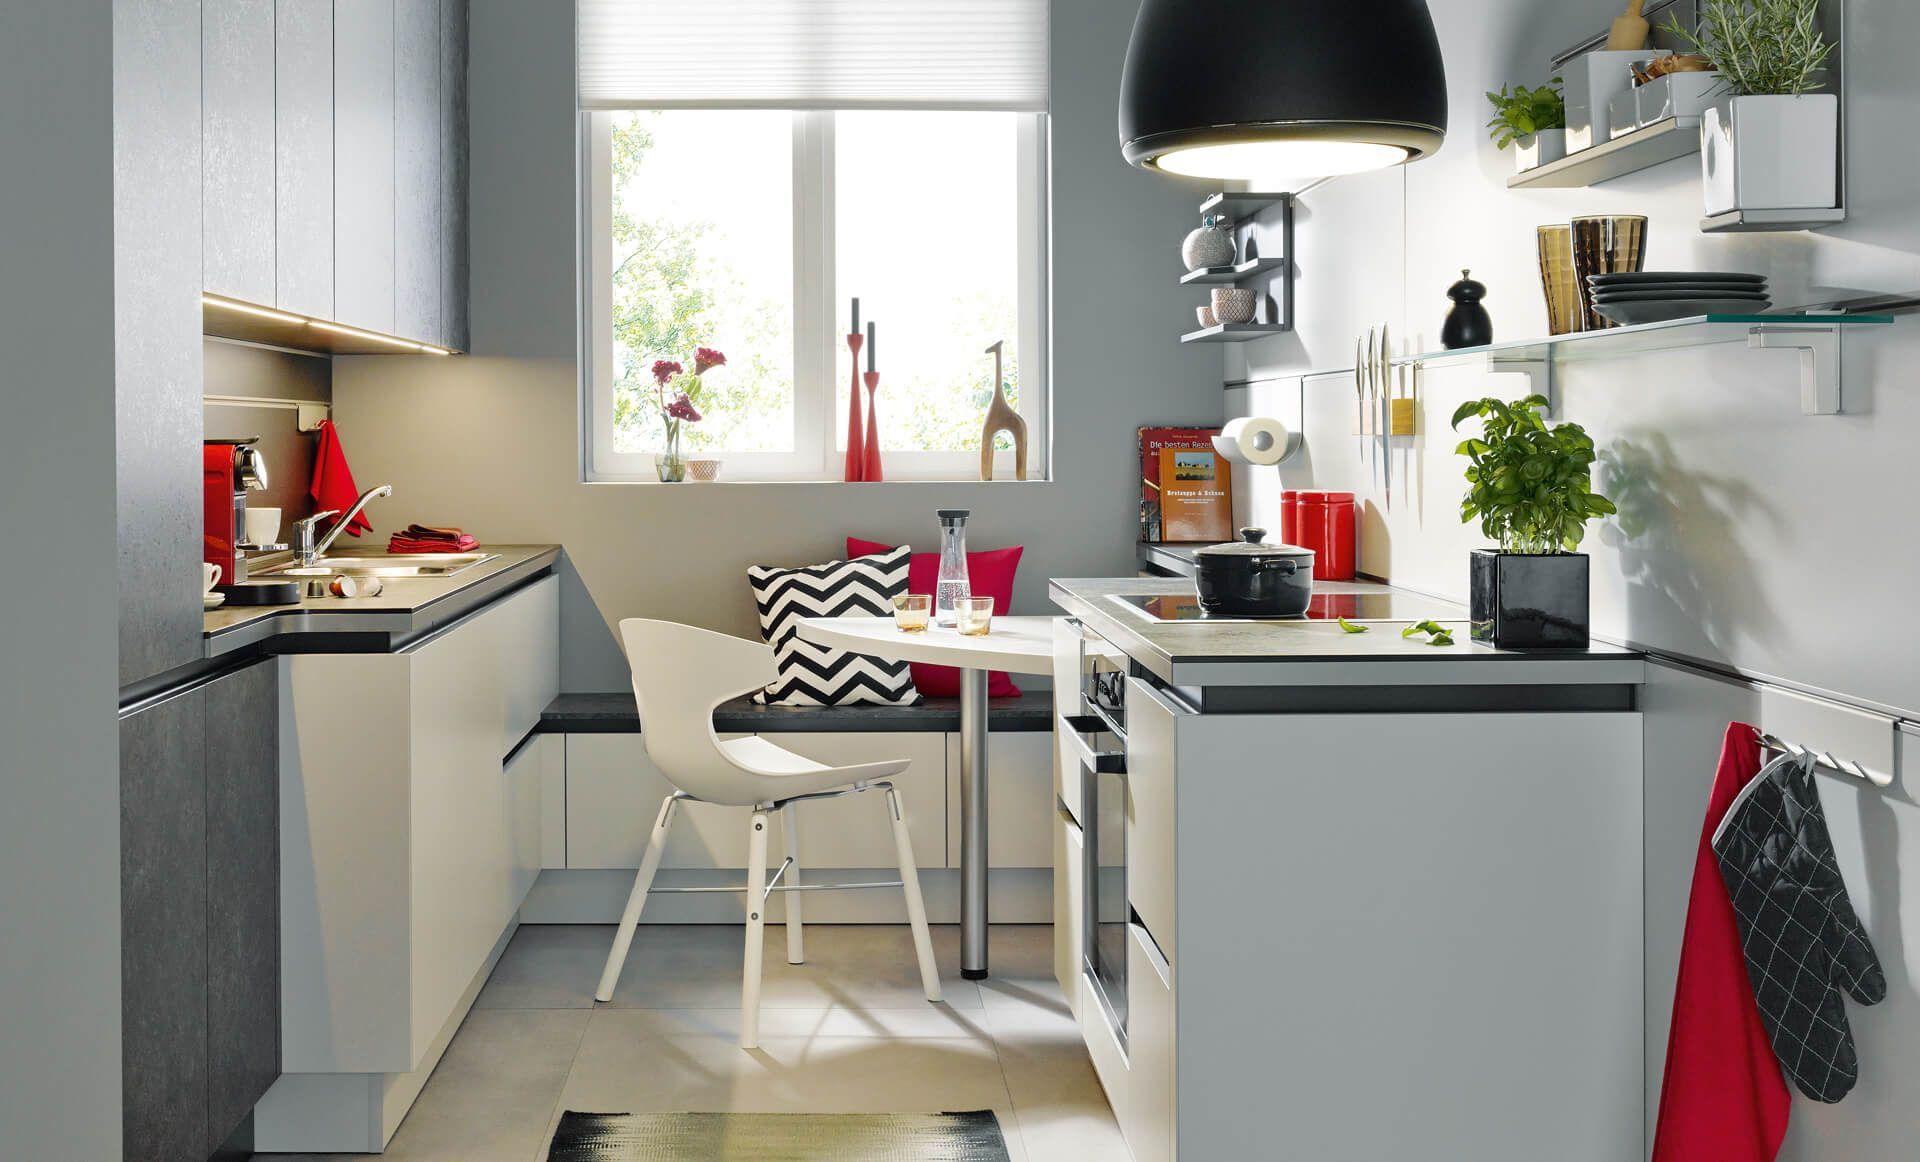 8 Tipps Fur Kleine Kuchen Wohn Esszimmer Kleine Kuche Und Haus Deko